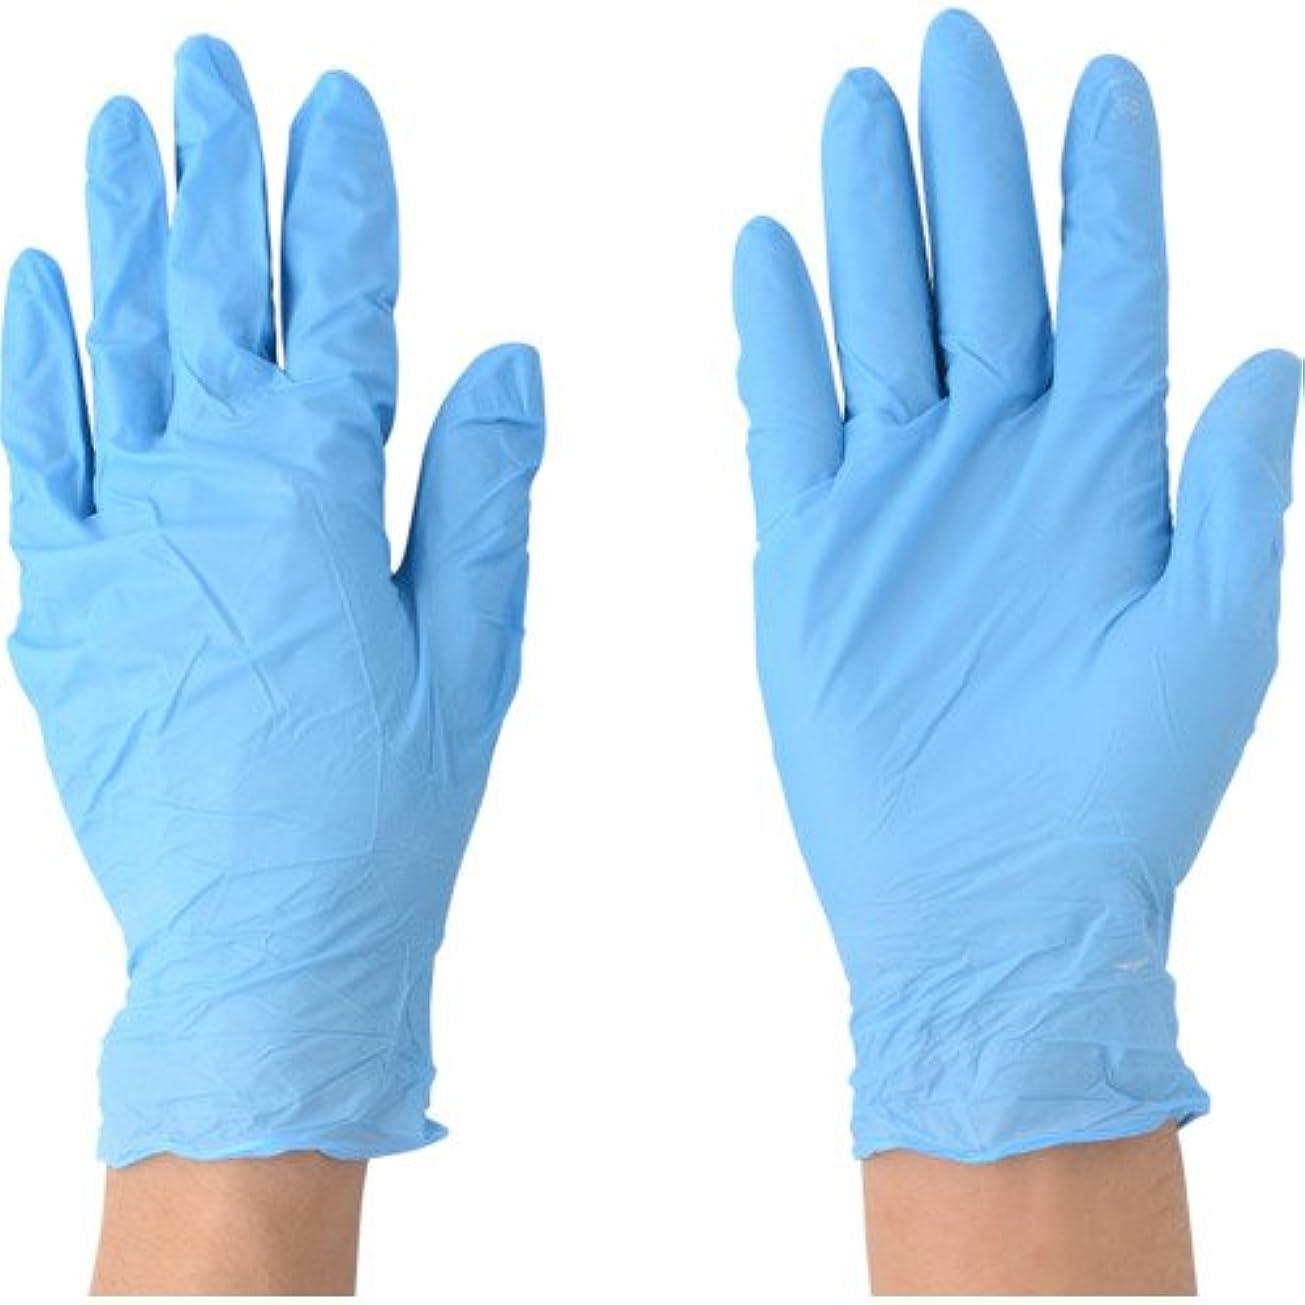 サイクロプス理論肉腫川西工業 ニトリル 極薄手袋 粉付 100枚入 #2043 ブルー SS